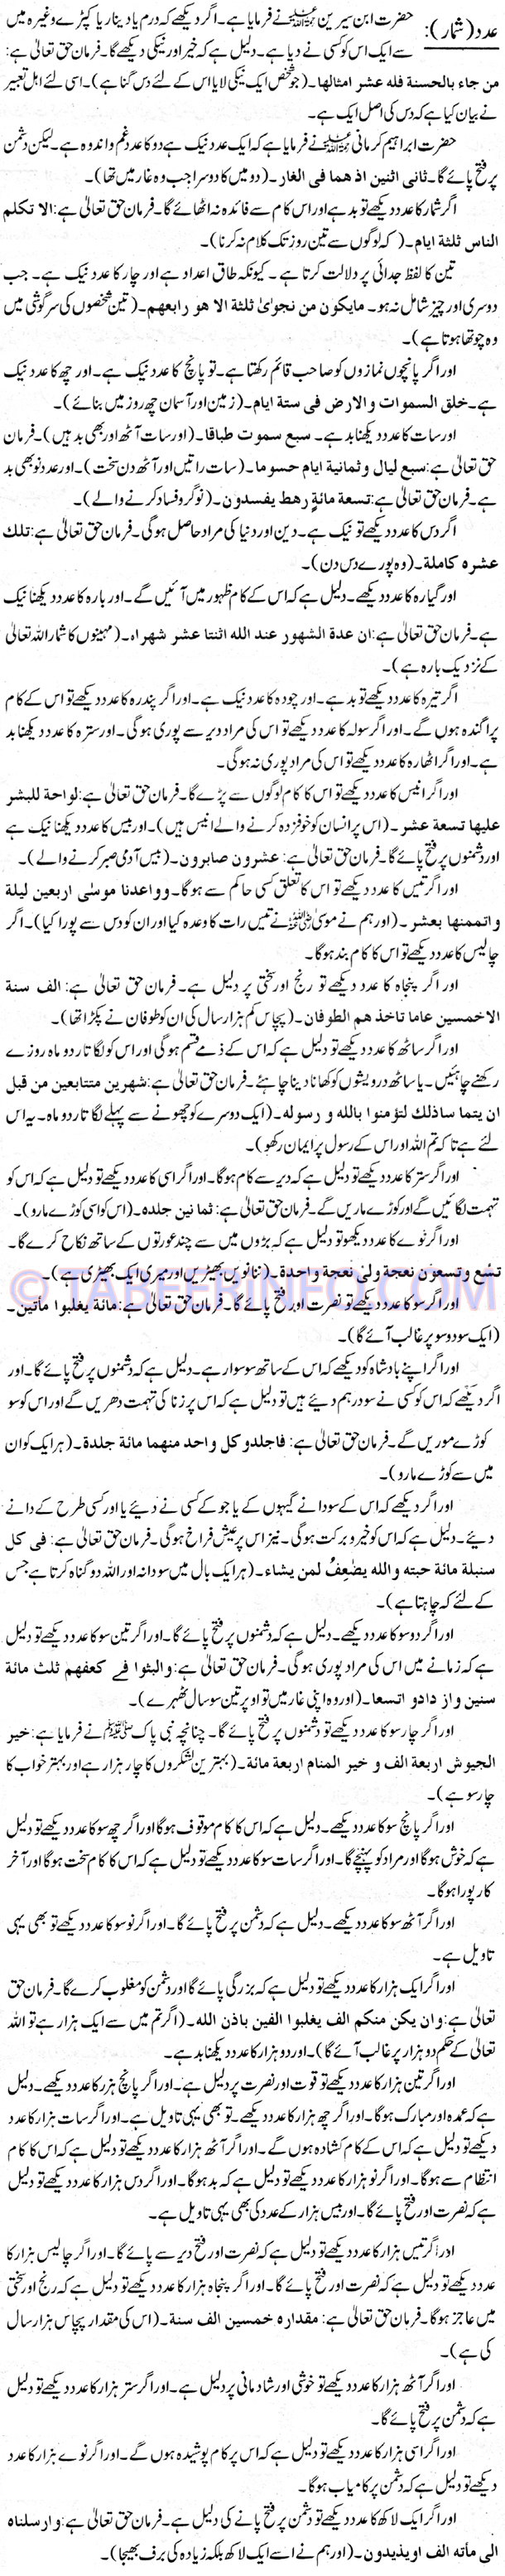 adad-shumar-shamaar